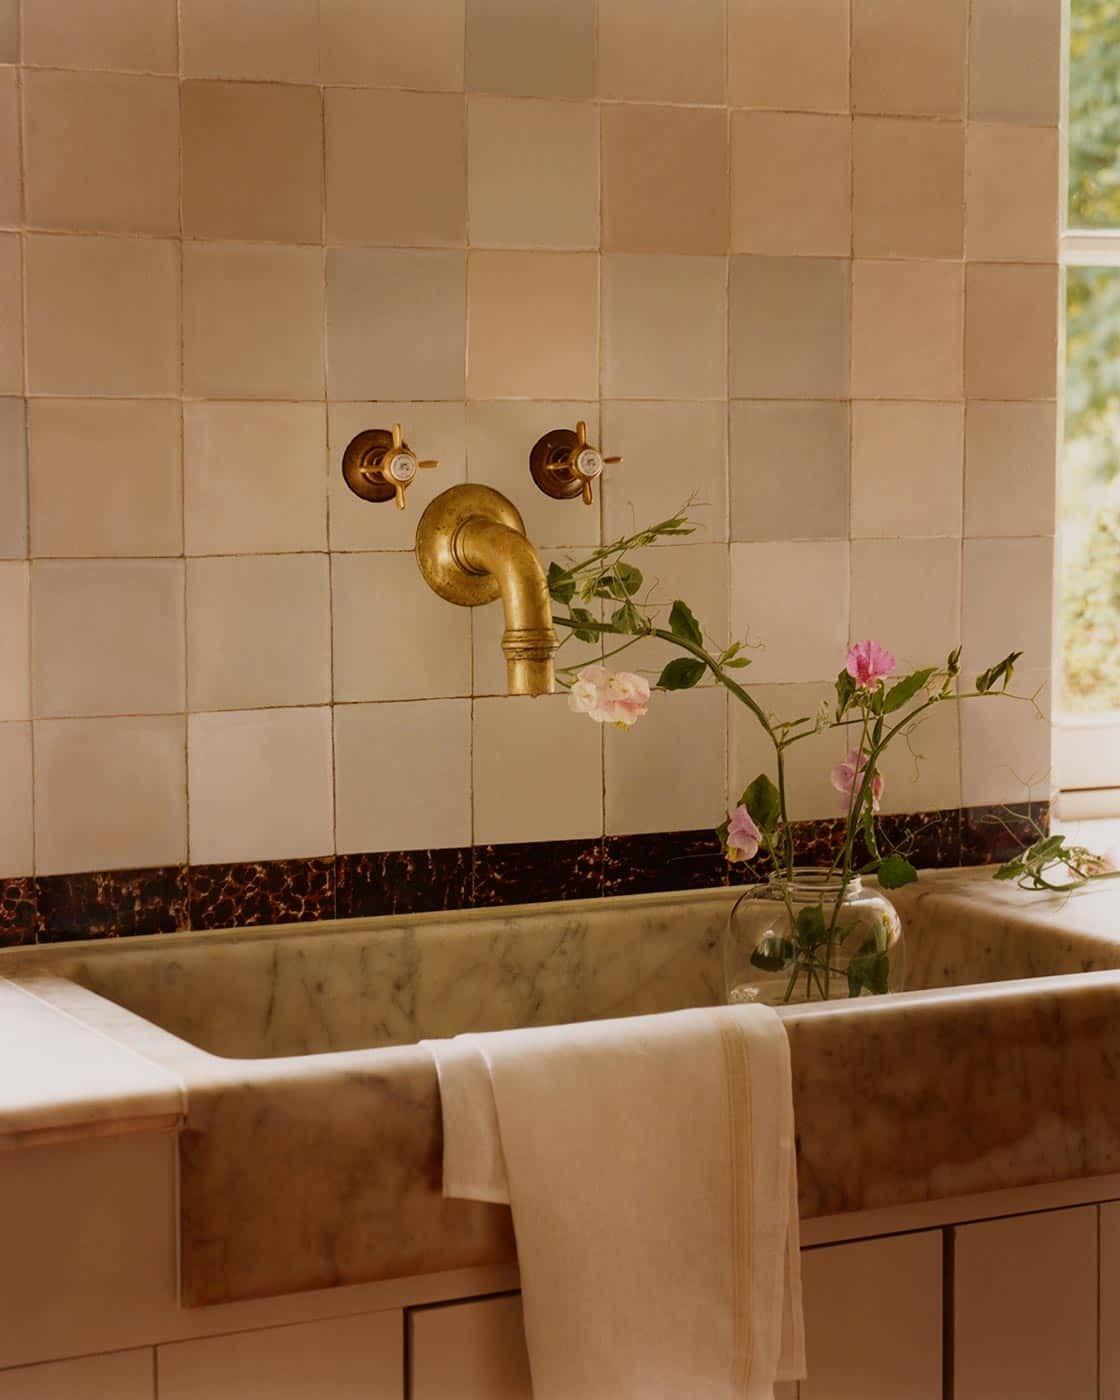 La grifería y el horno de leña de esta cocina le dan un aire vintage renovado.